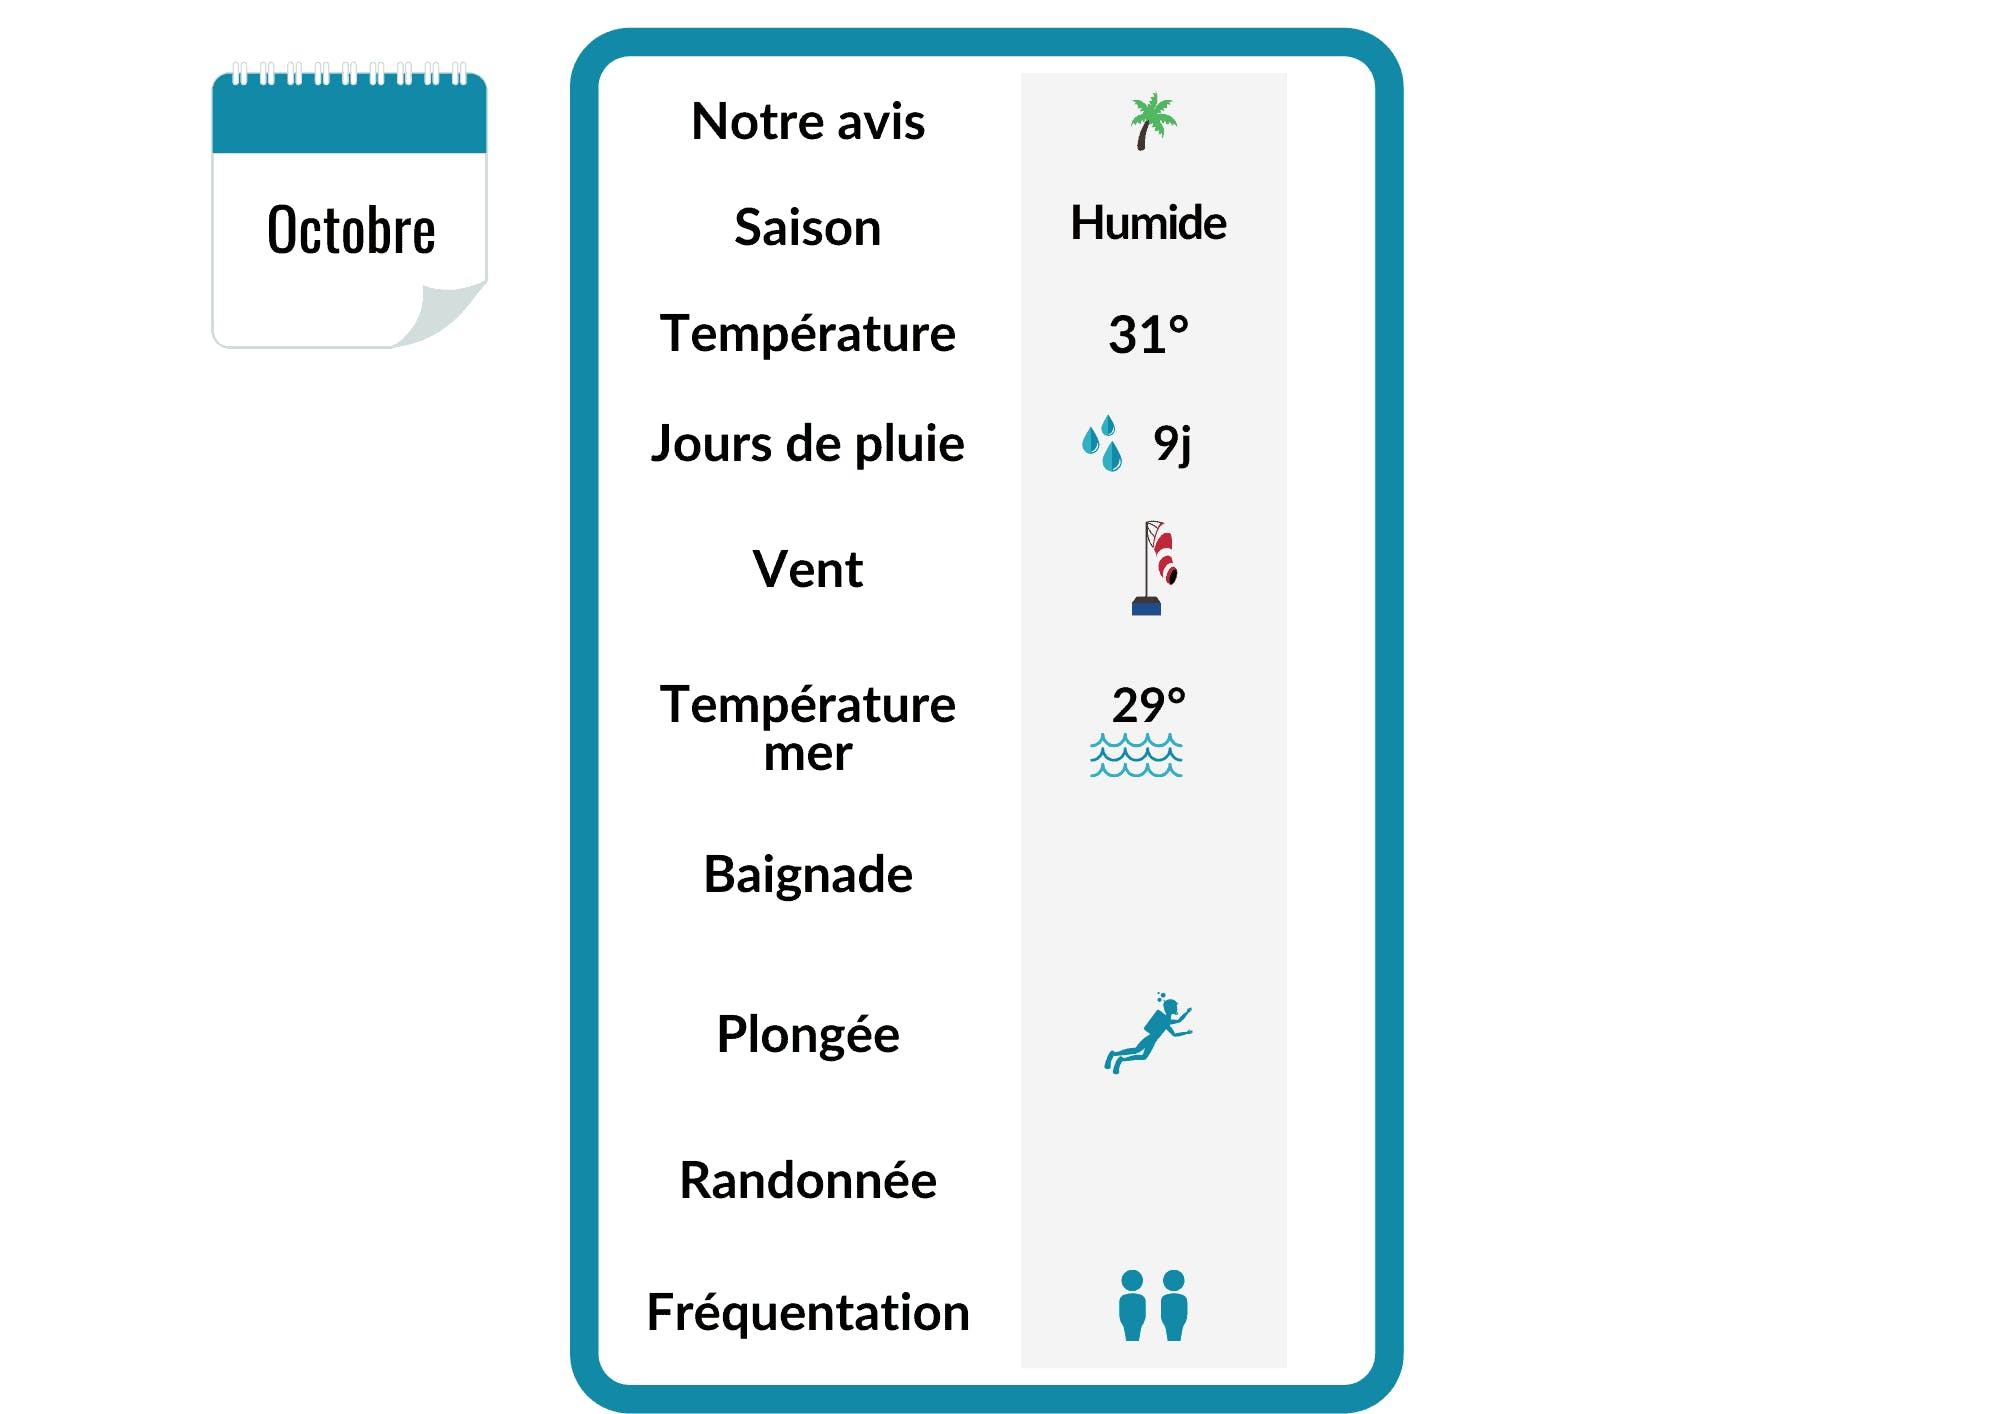 Synthèse sur la météo en Martinique en octobre